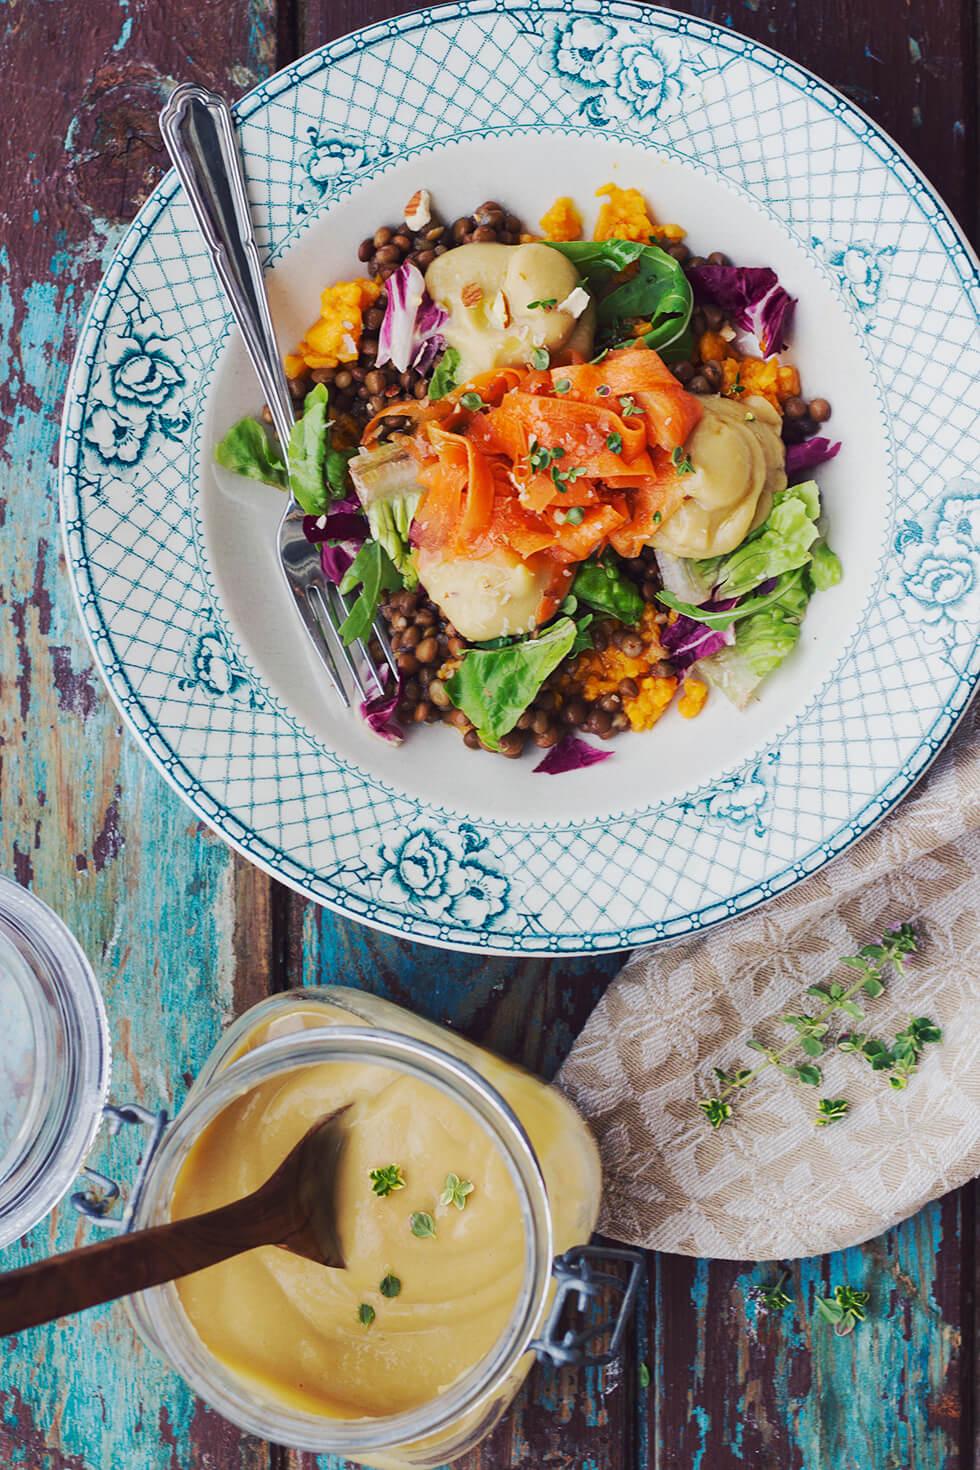 Magisk middag med sötpotatis, linser, hummus, syrliga morötter, citrontimjan och flingsalt